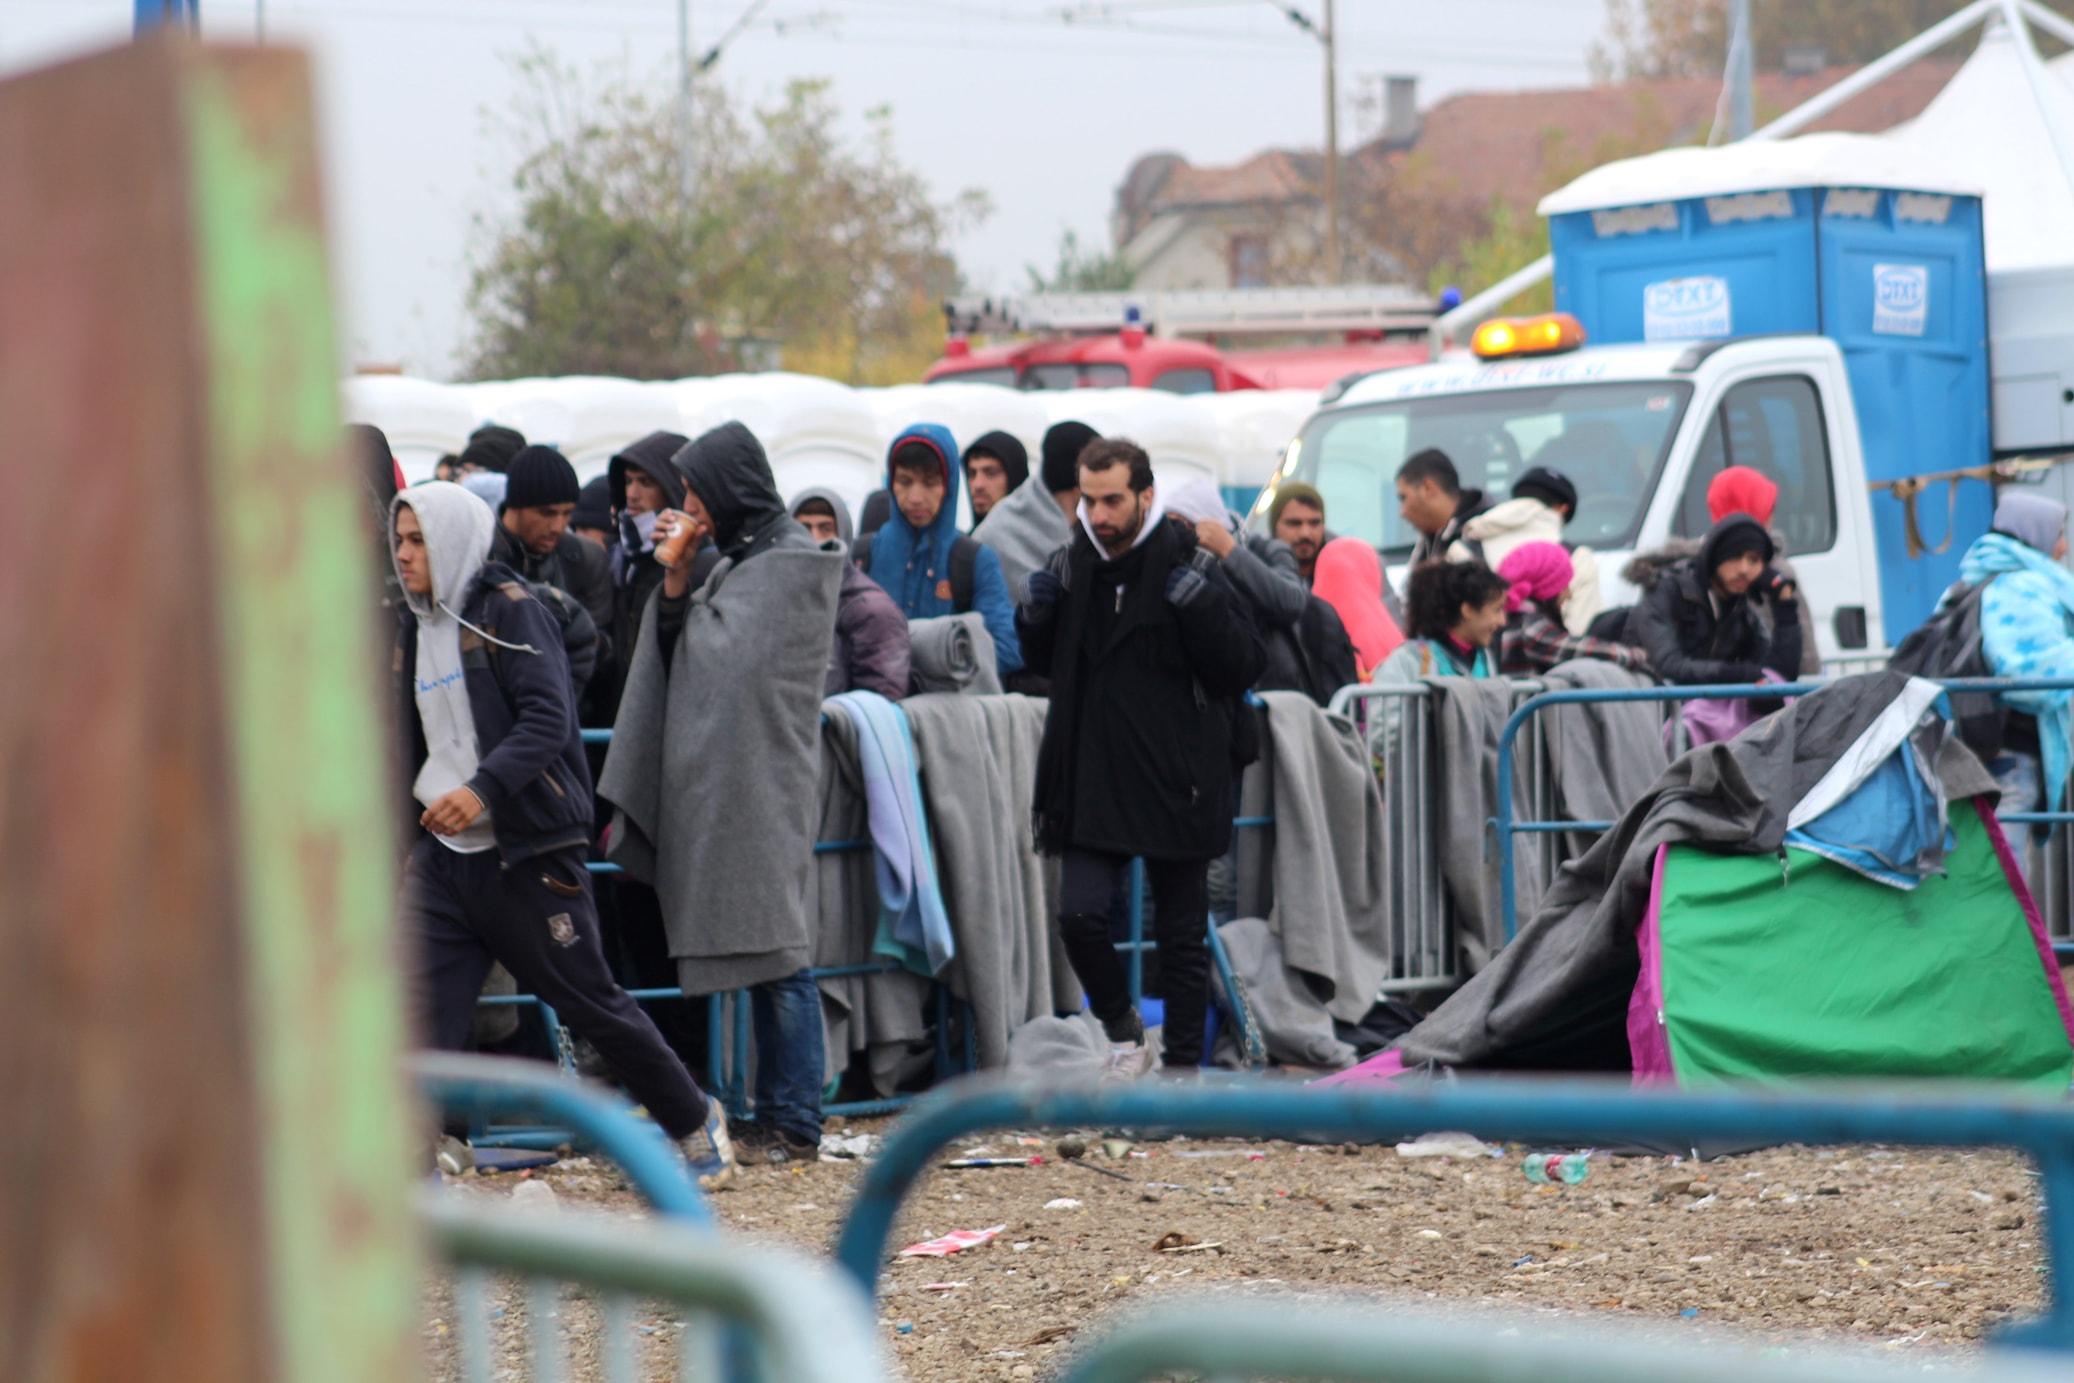 Balcanes asilo imagen wikimedia